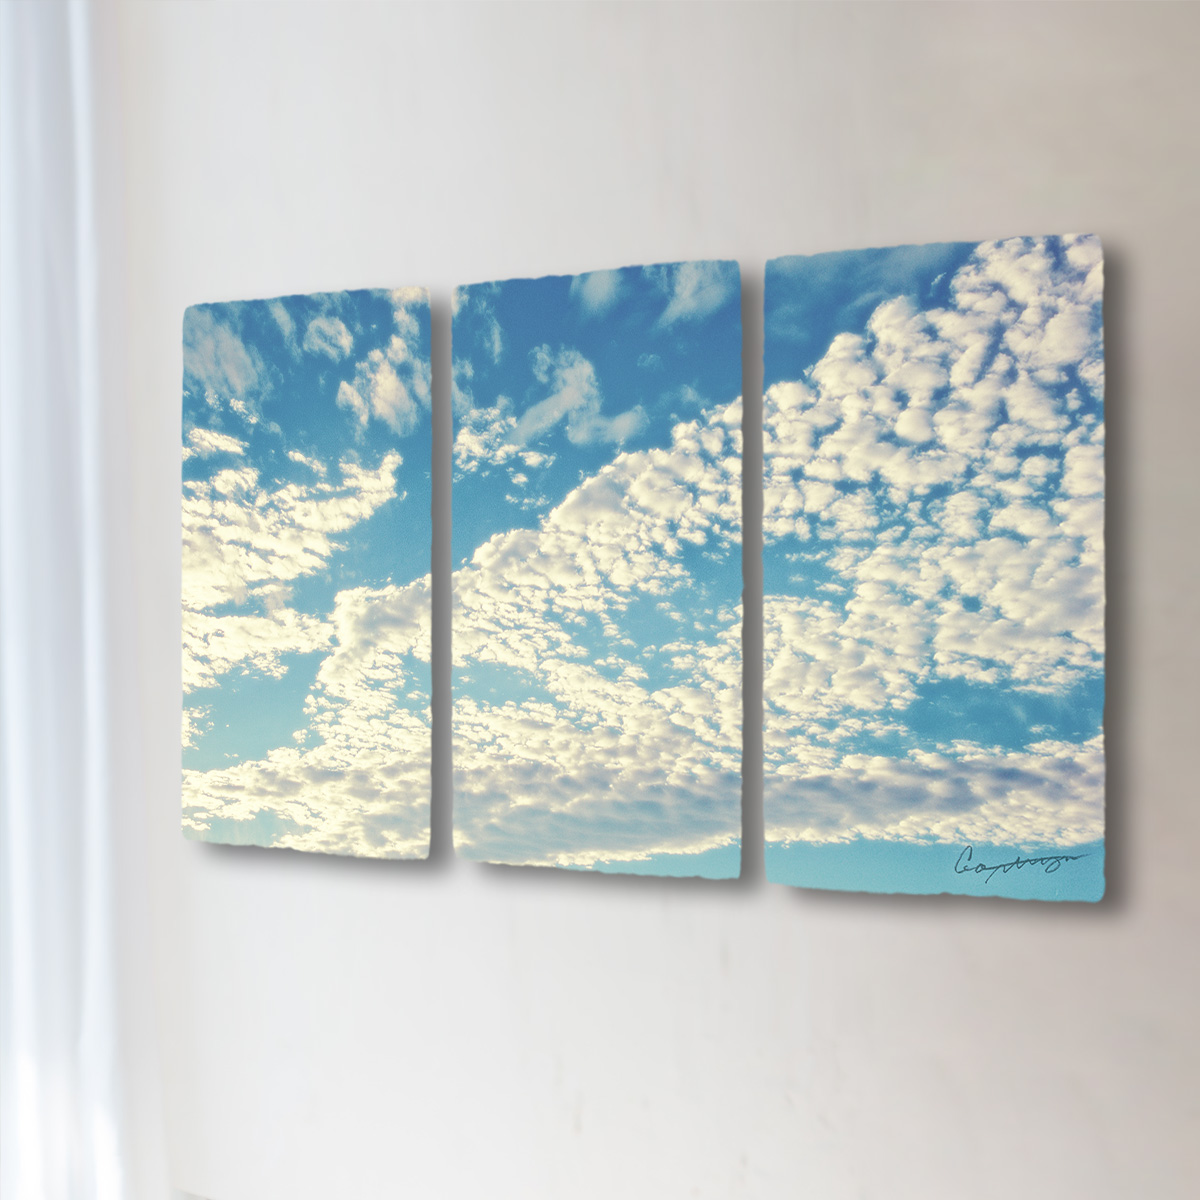 和紙 手作り アートパネル 3枚続き 「青空に輝くうろこ雲」(128x72cm) 絵画 絵 ポスター 壁掛け モダン アート 和風 オリジナル インテリア 風景画 ランキング おすすめ おしゃれ 人気 キッチン リビング ダイニング 玄関 和室